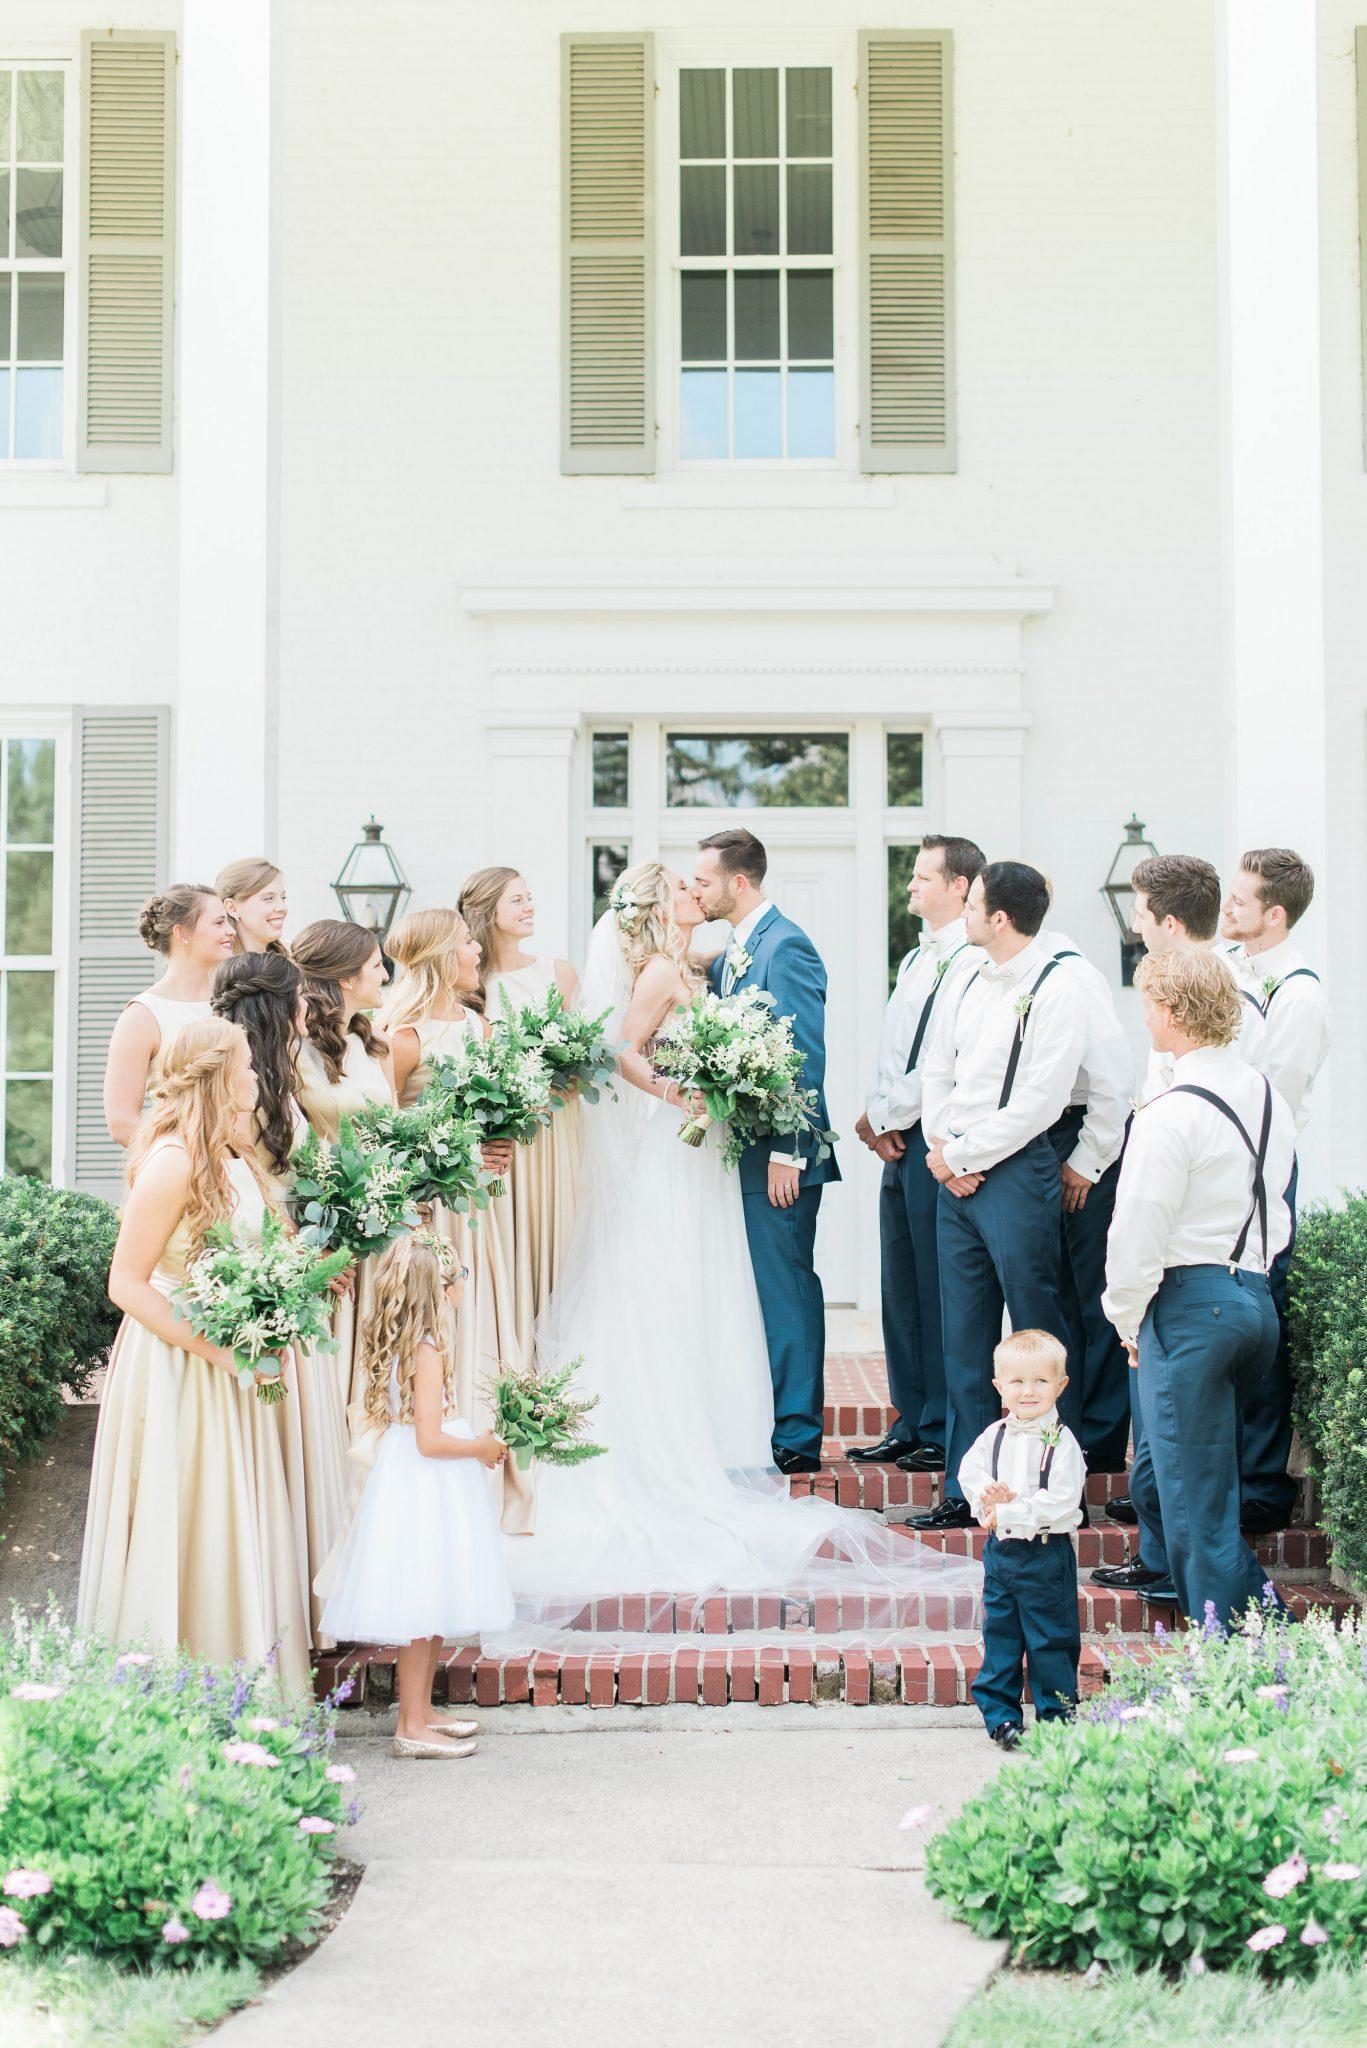 polan farm wedding, green and white wedding flowers, bridal party pictures, Dayton ohio wedding florist, wedding flowers